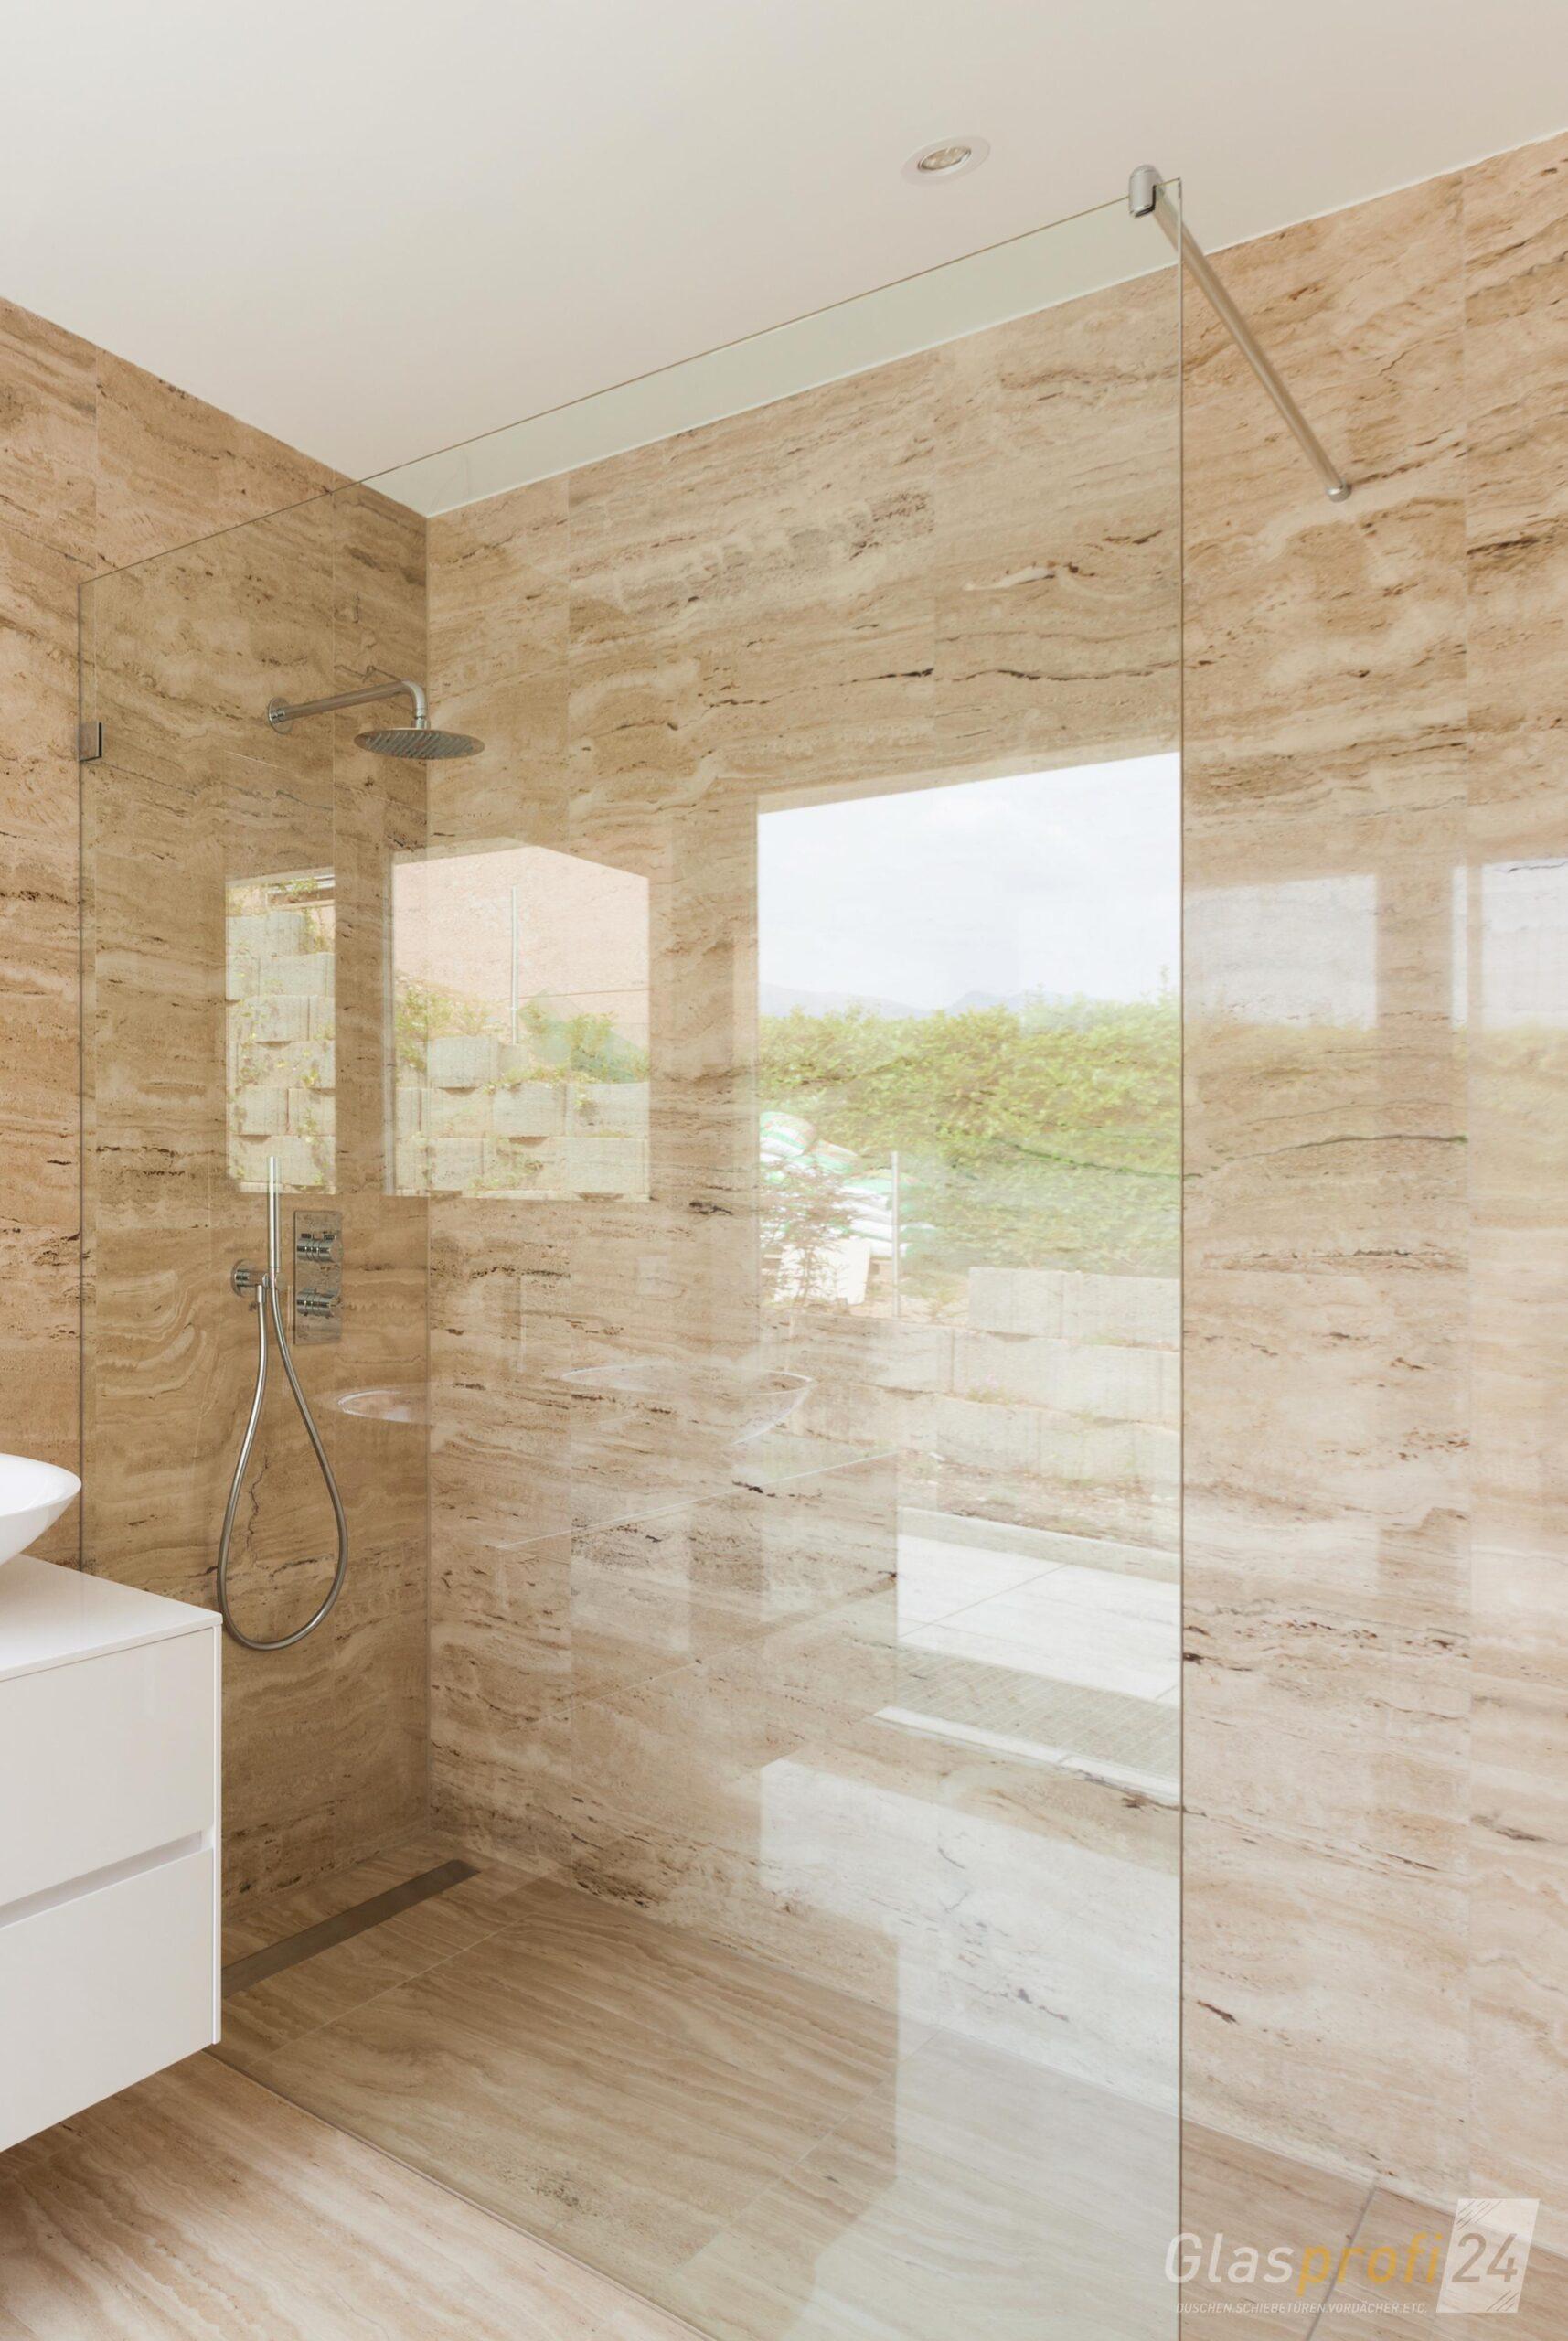 Full Size of Glaswand Dusche Walk In Duschwand Glasprofi24 Barrierefreie Begehbare Ohne Tür Schiebetür Walkin Badewanne Mit Und Bodengleiche Duschen Moderne Mischbatterie Dusche Glaswand Dusche